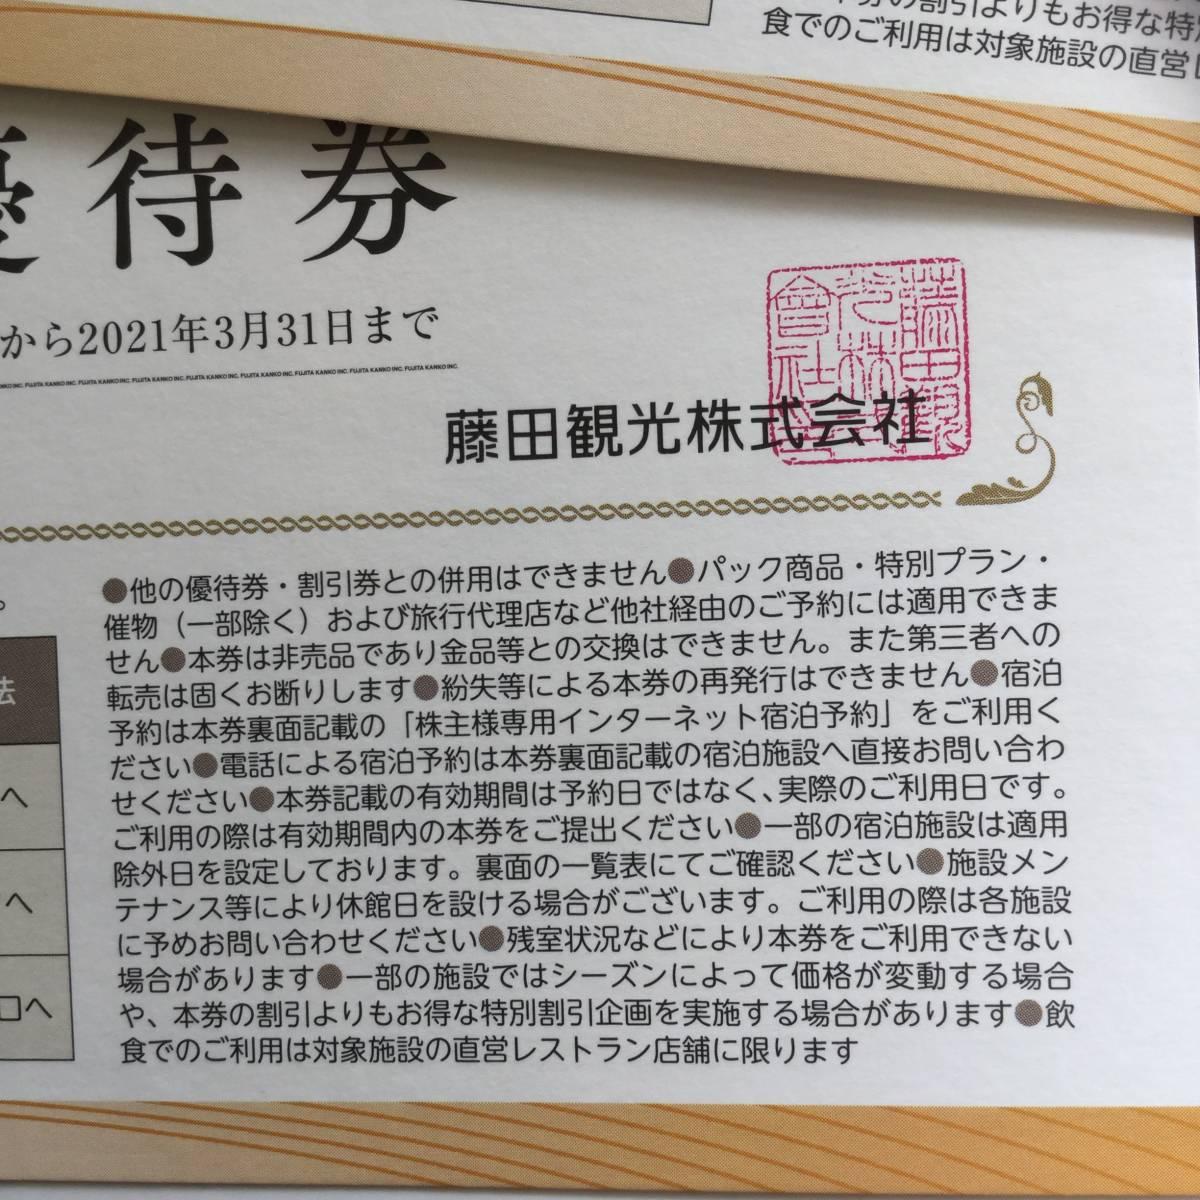 藤田観光 株主優待券 宿泊 飲食 入場 割引券 1枚~4枚 ■■■■ 2021.3.31_画像3